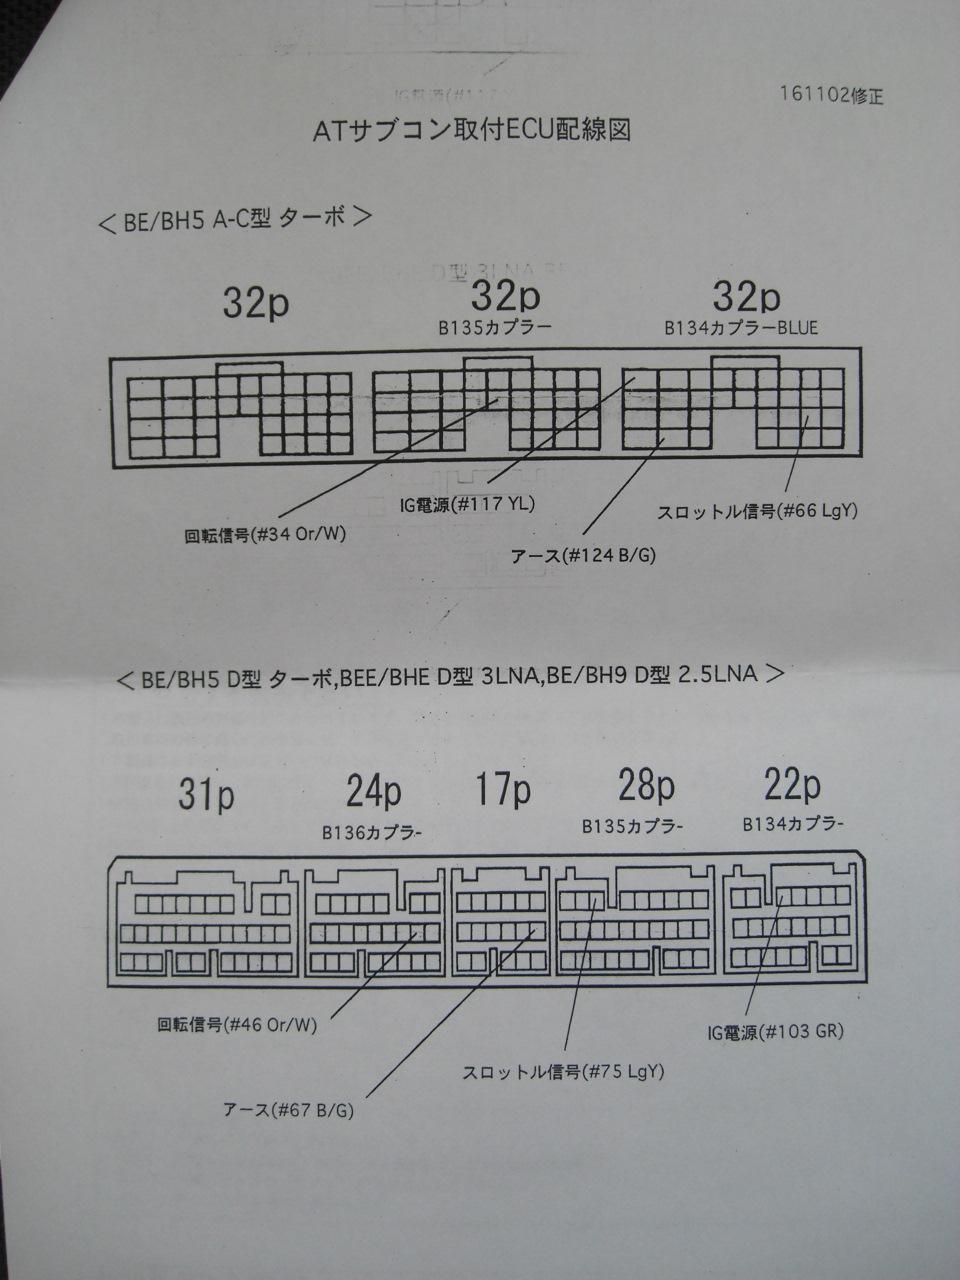 Subaru Ecu Pinout